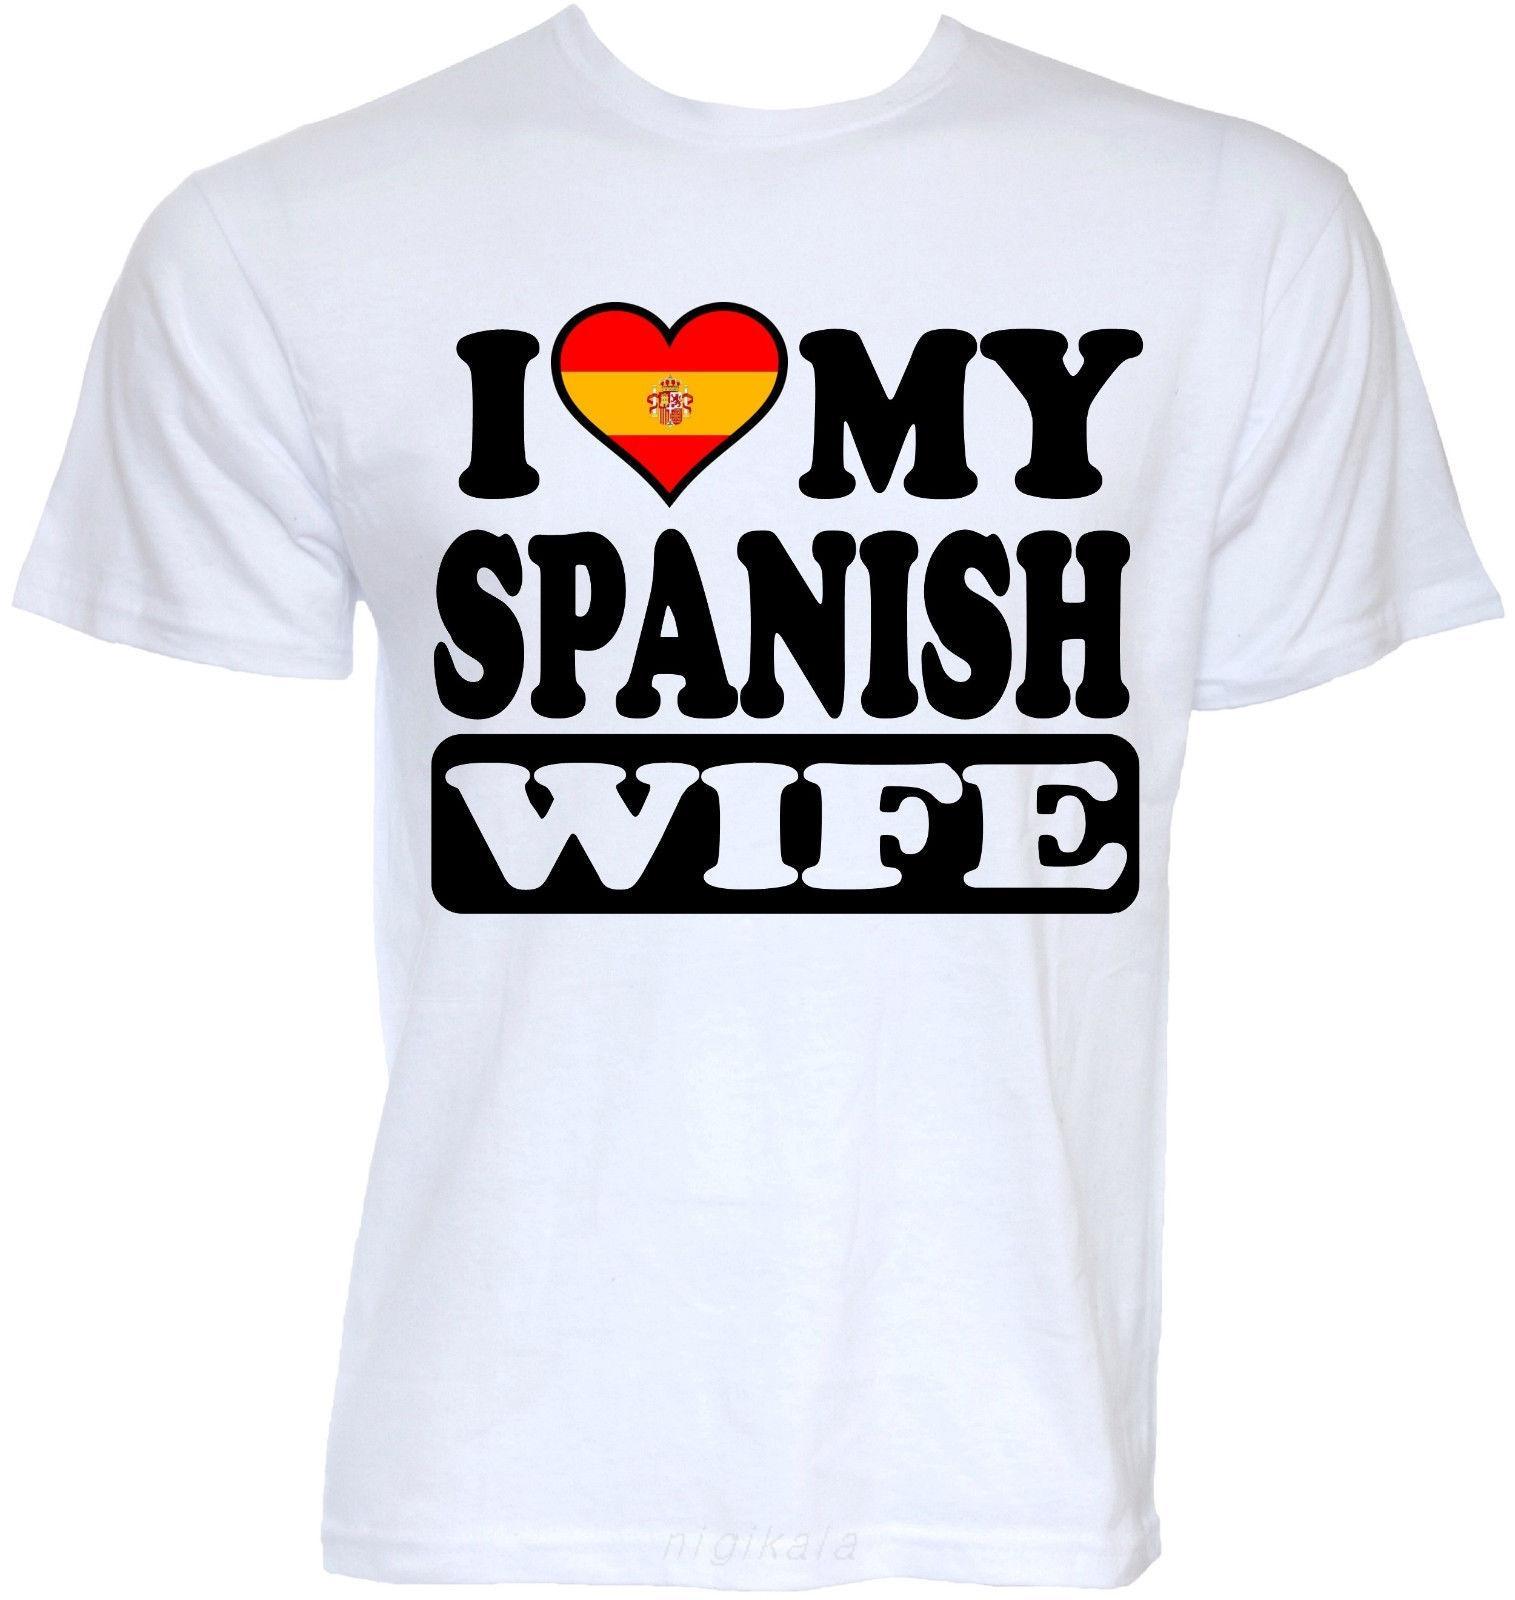 Hommes Drôle Cool Nouveauté sexy espagnole Femme Espagne Drapeau Joke Slogan T-shirts Cadeaux Hommes Hipster T-shirts manches T-Hauts